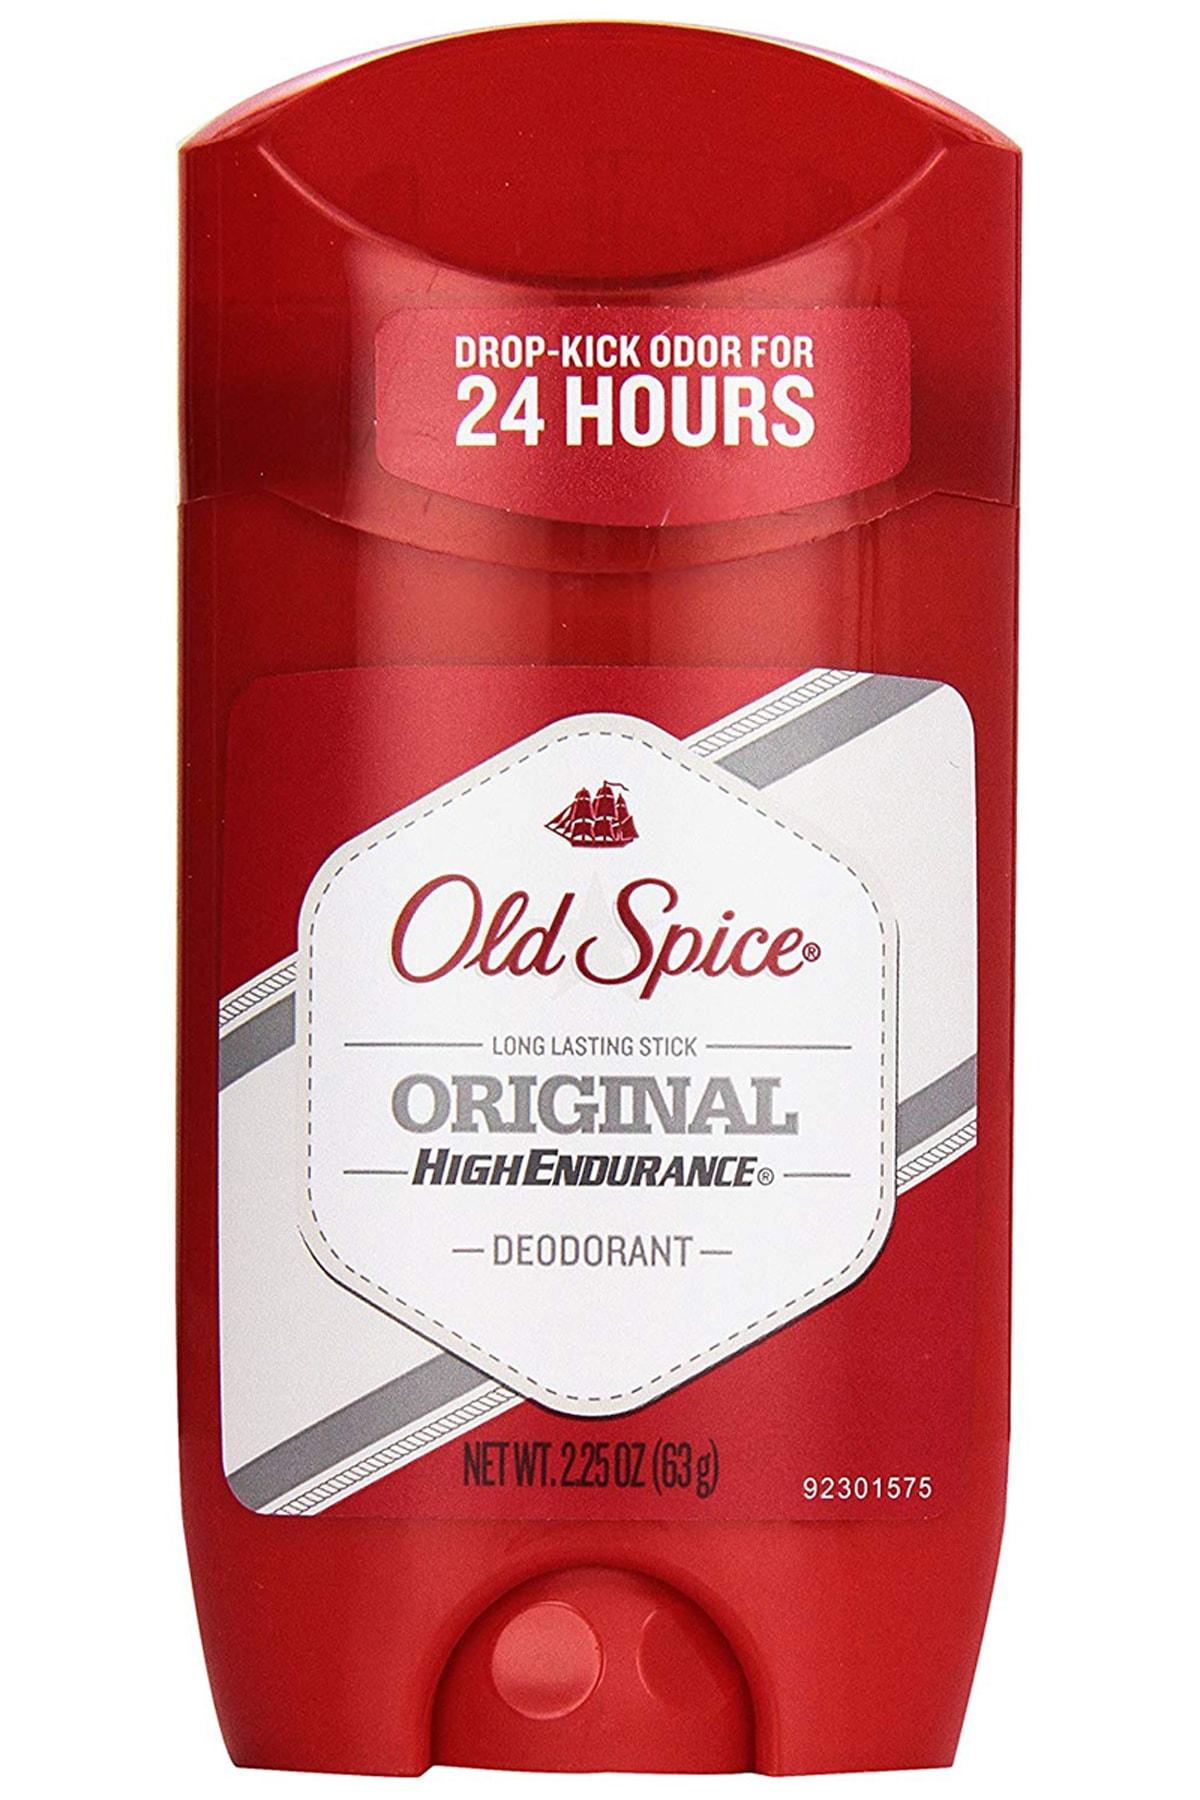 Old Spice Original Deodorant 63 g 012044342404